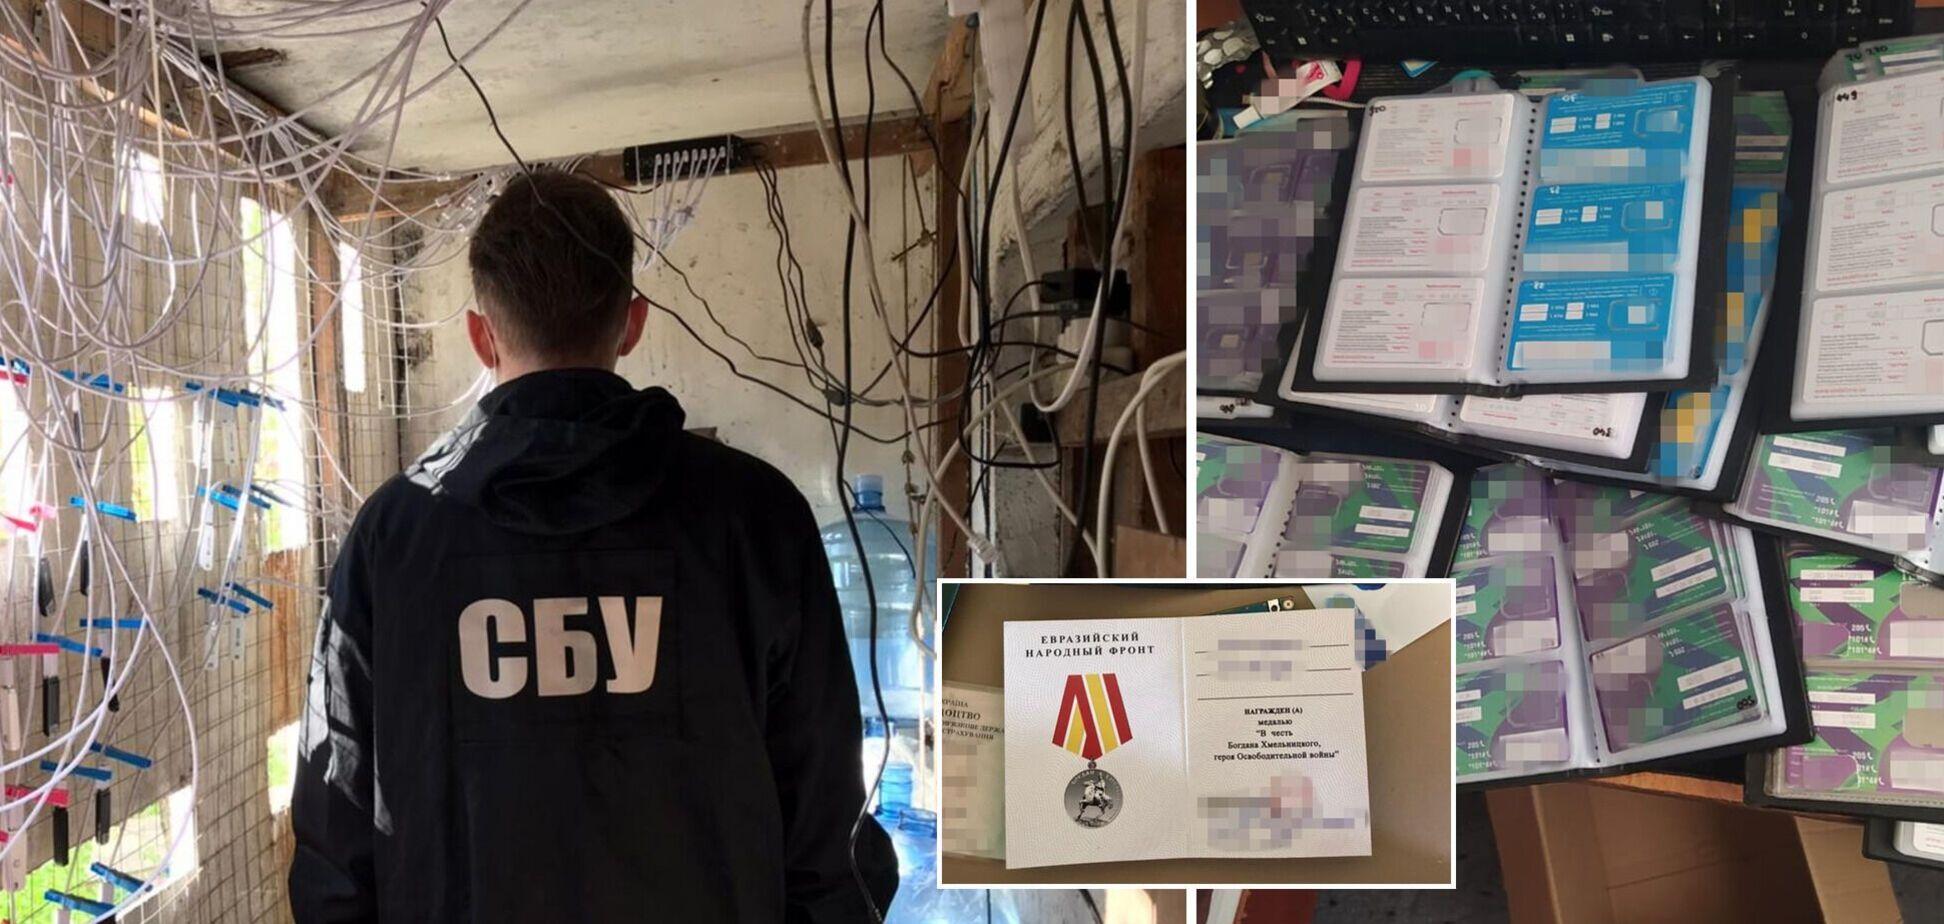 В Одесі викрили агітаторів і 'ботоферму', які поширювали фейки напередодні 9 травня. Фото